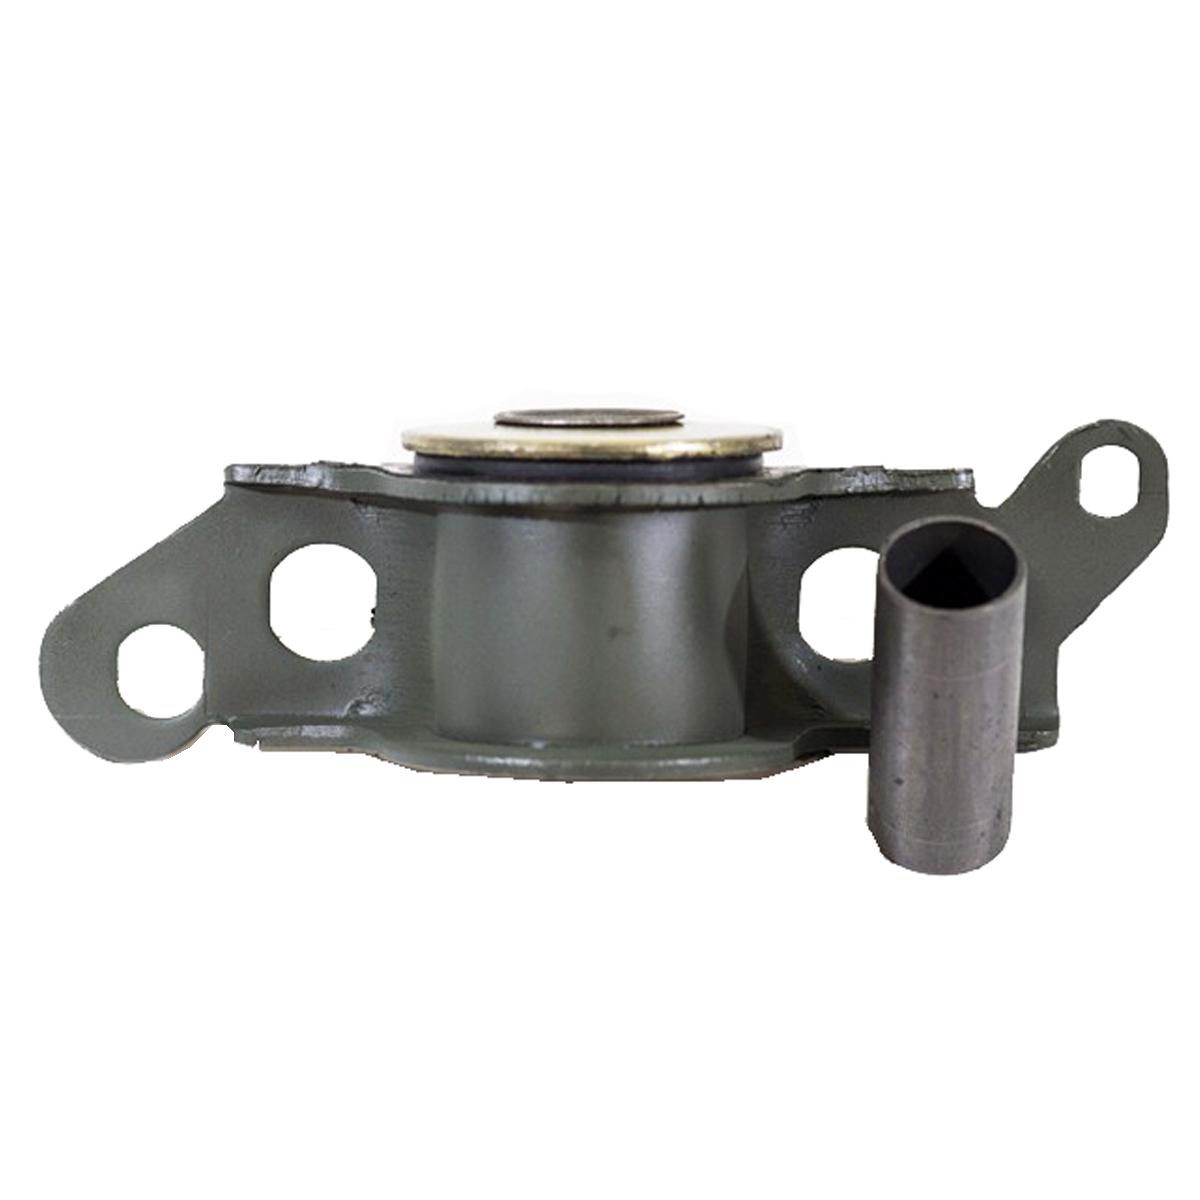 Coxim LD Traseiro Bandeja Suspensão Dianteira s/ Barra Estabilizadora 20mm Palio / Siena